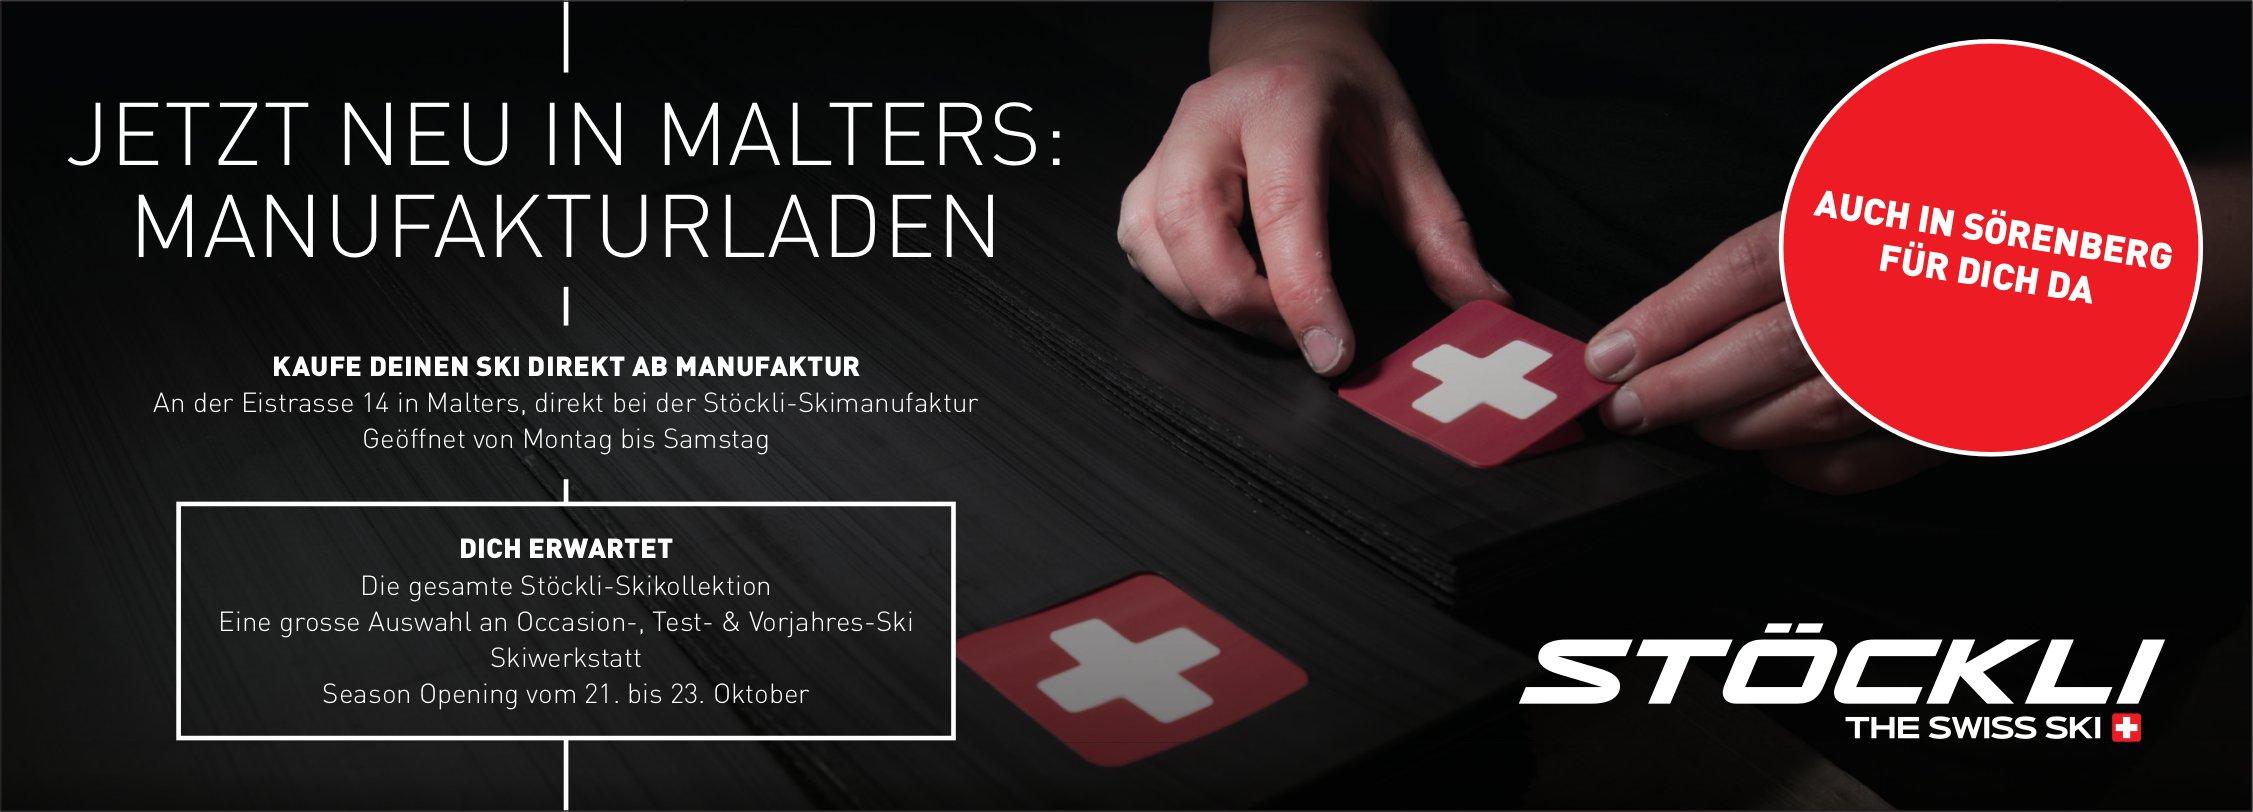 Stöckli-Skimanufaktur, Malters - Jetzt neu in Malters: Manufakturladen